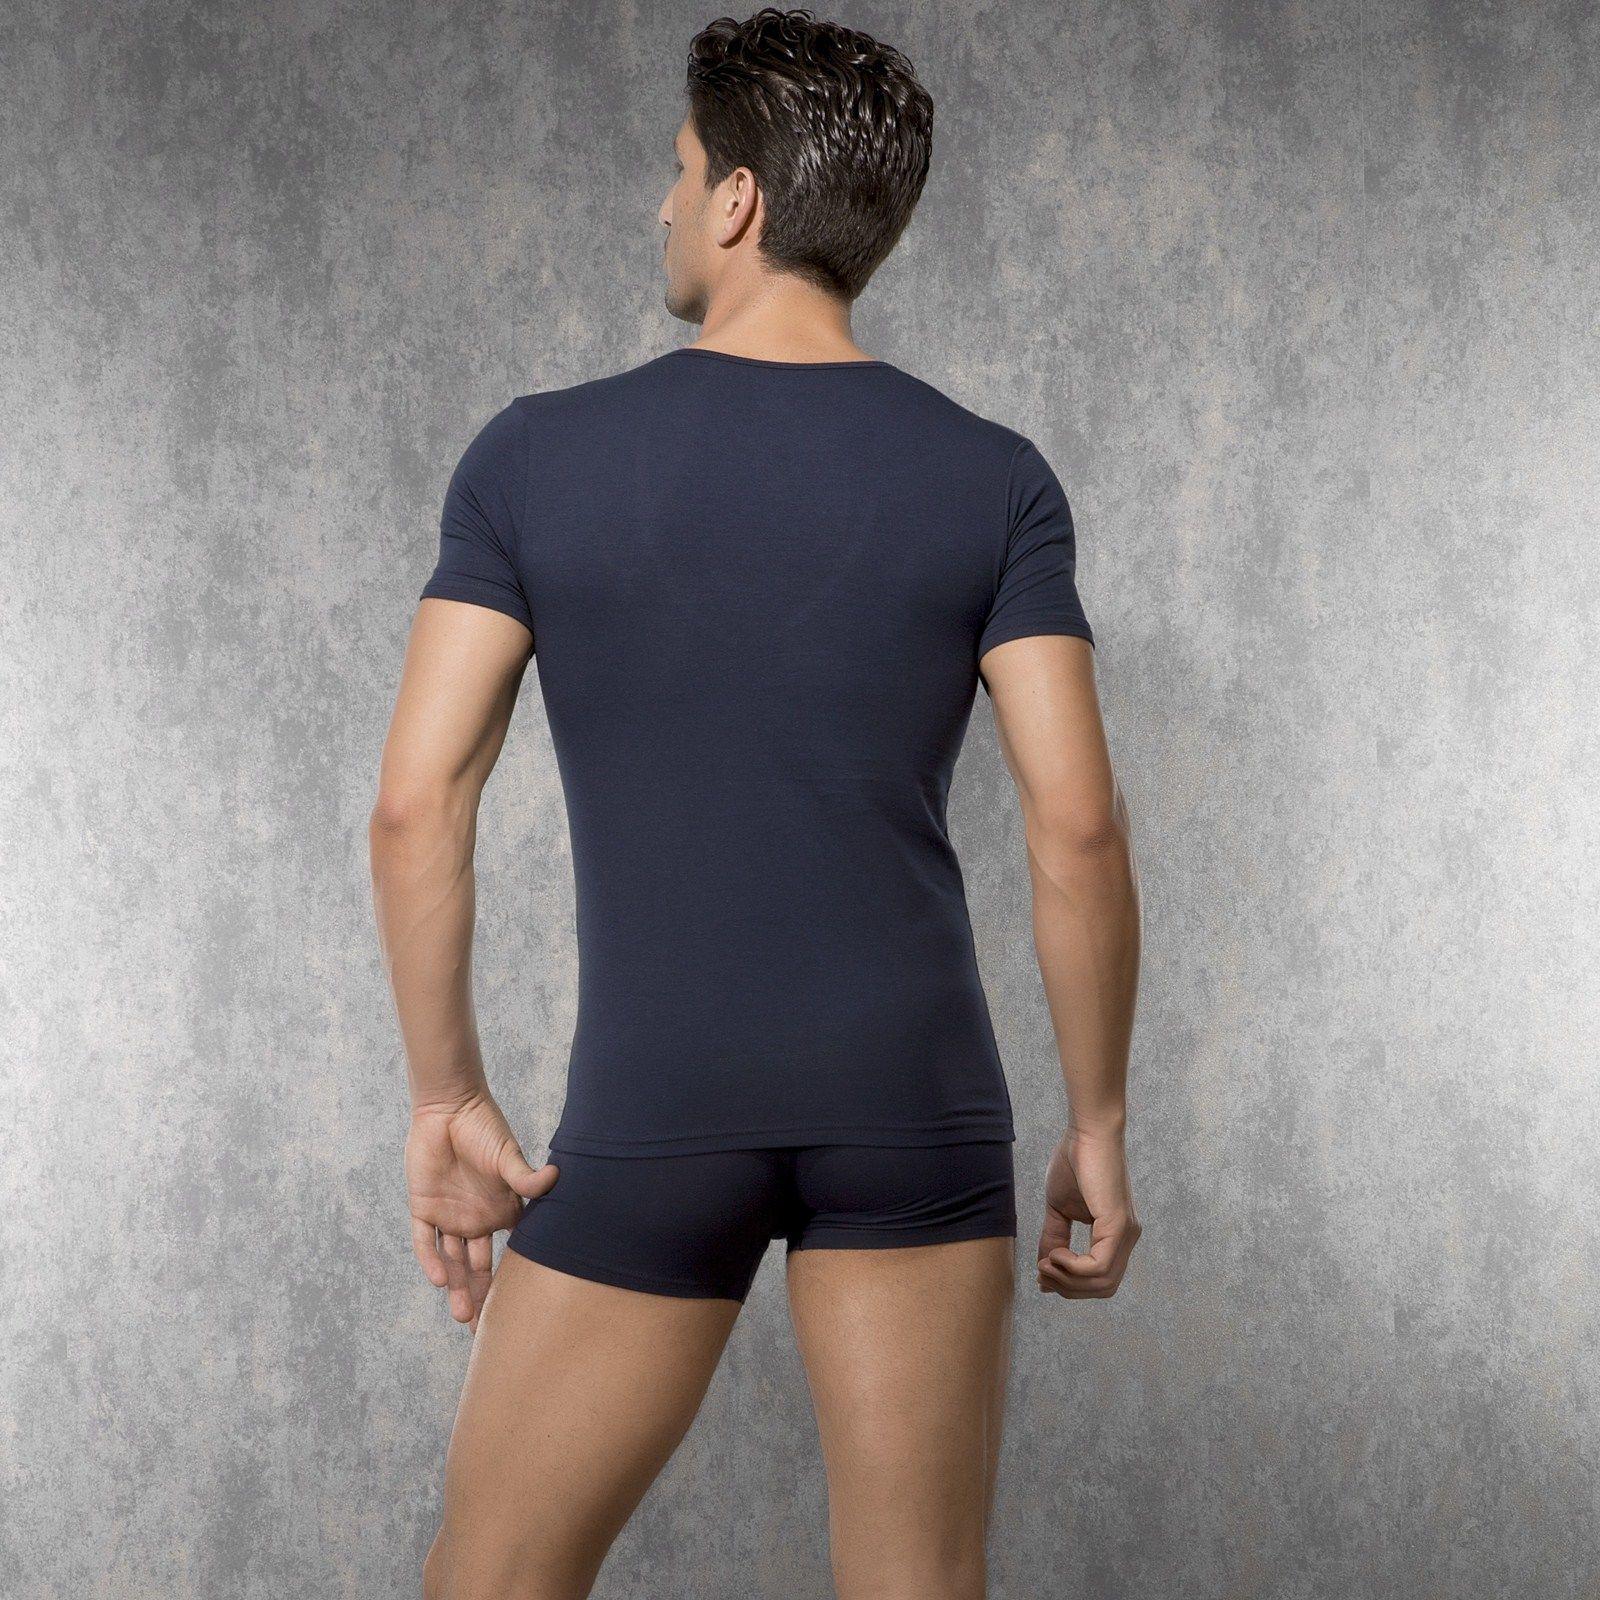 Мужская футболка темно-синяя Doreanse 2820